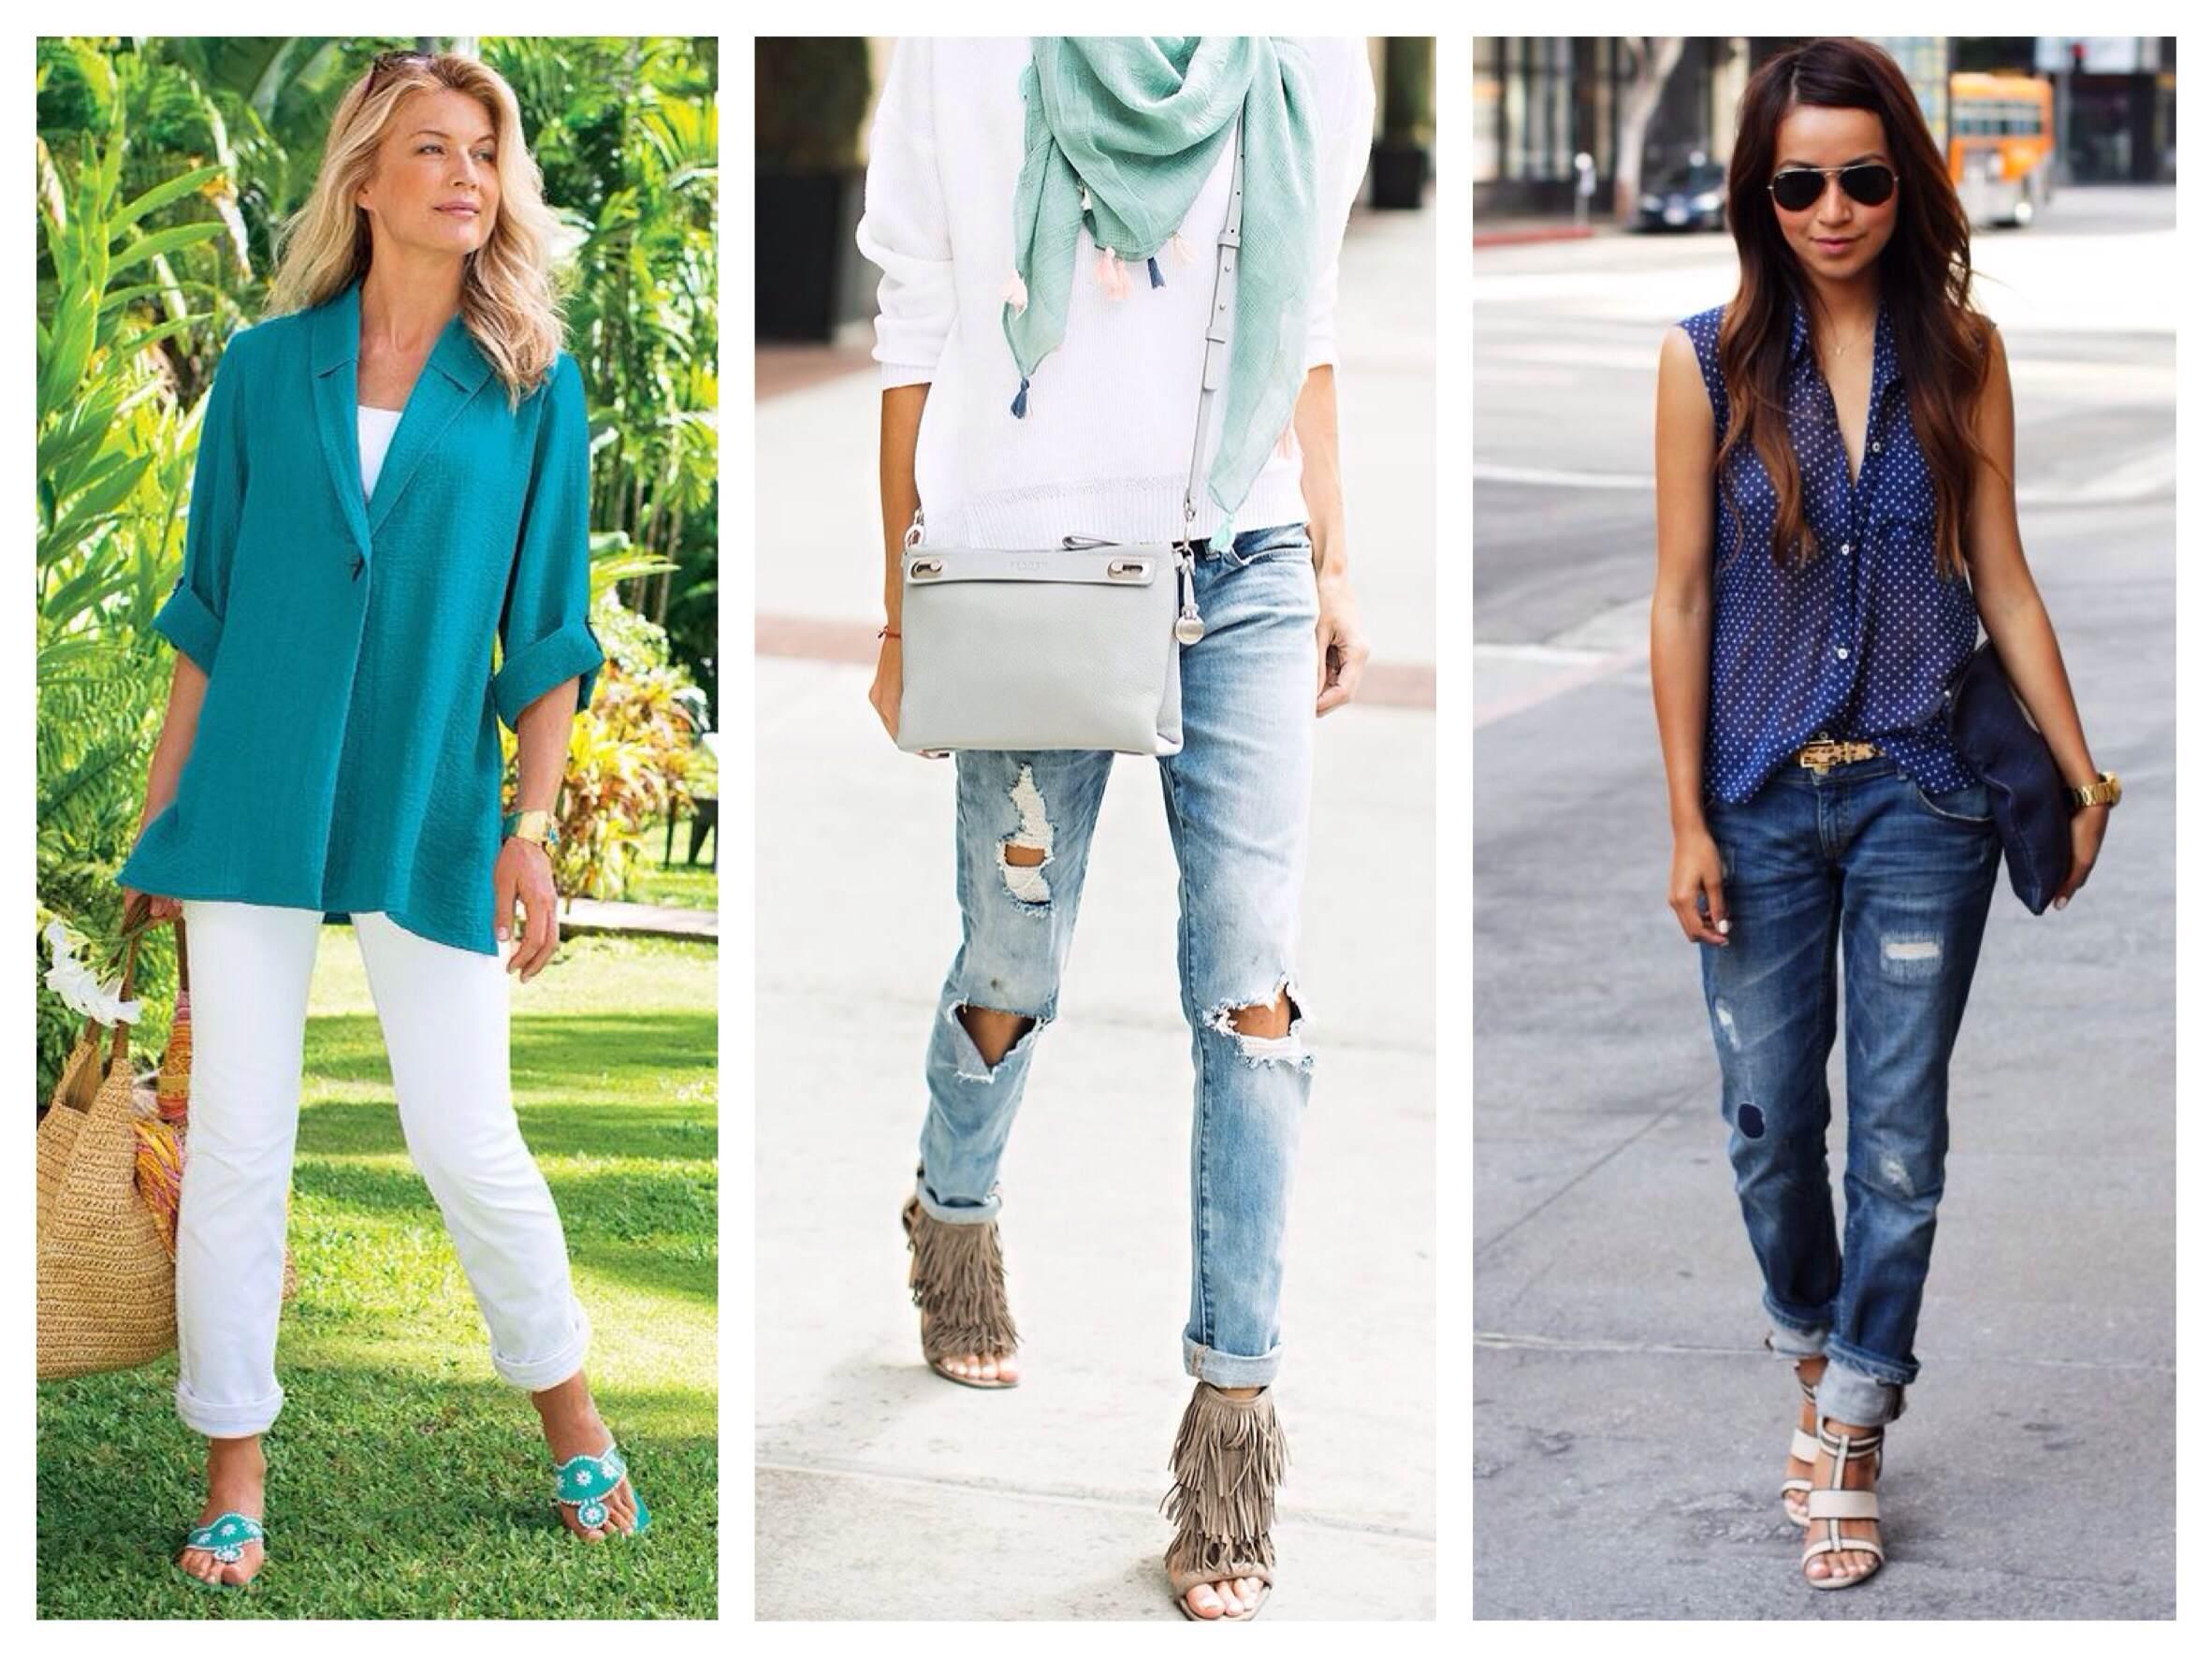 Брюки и джинсы в летних образах